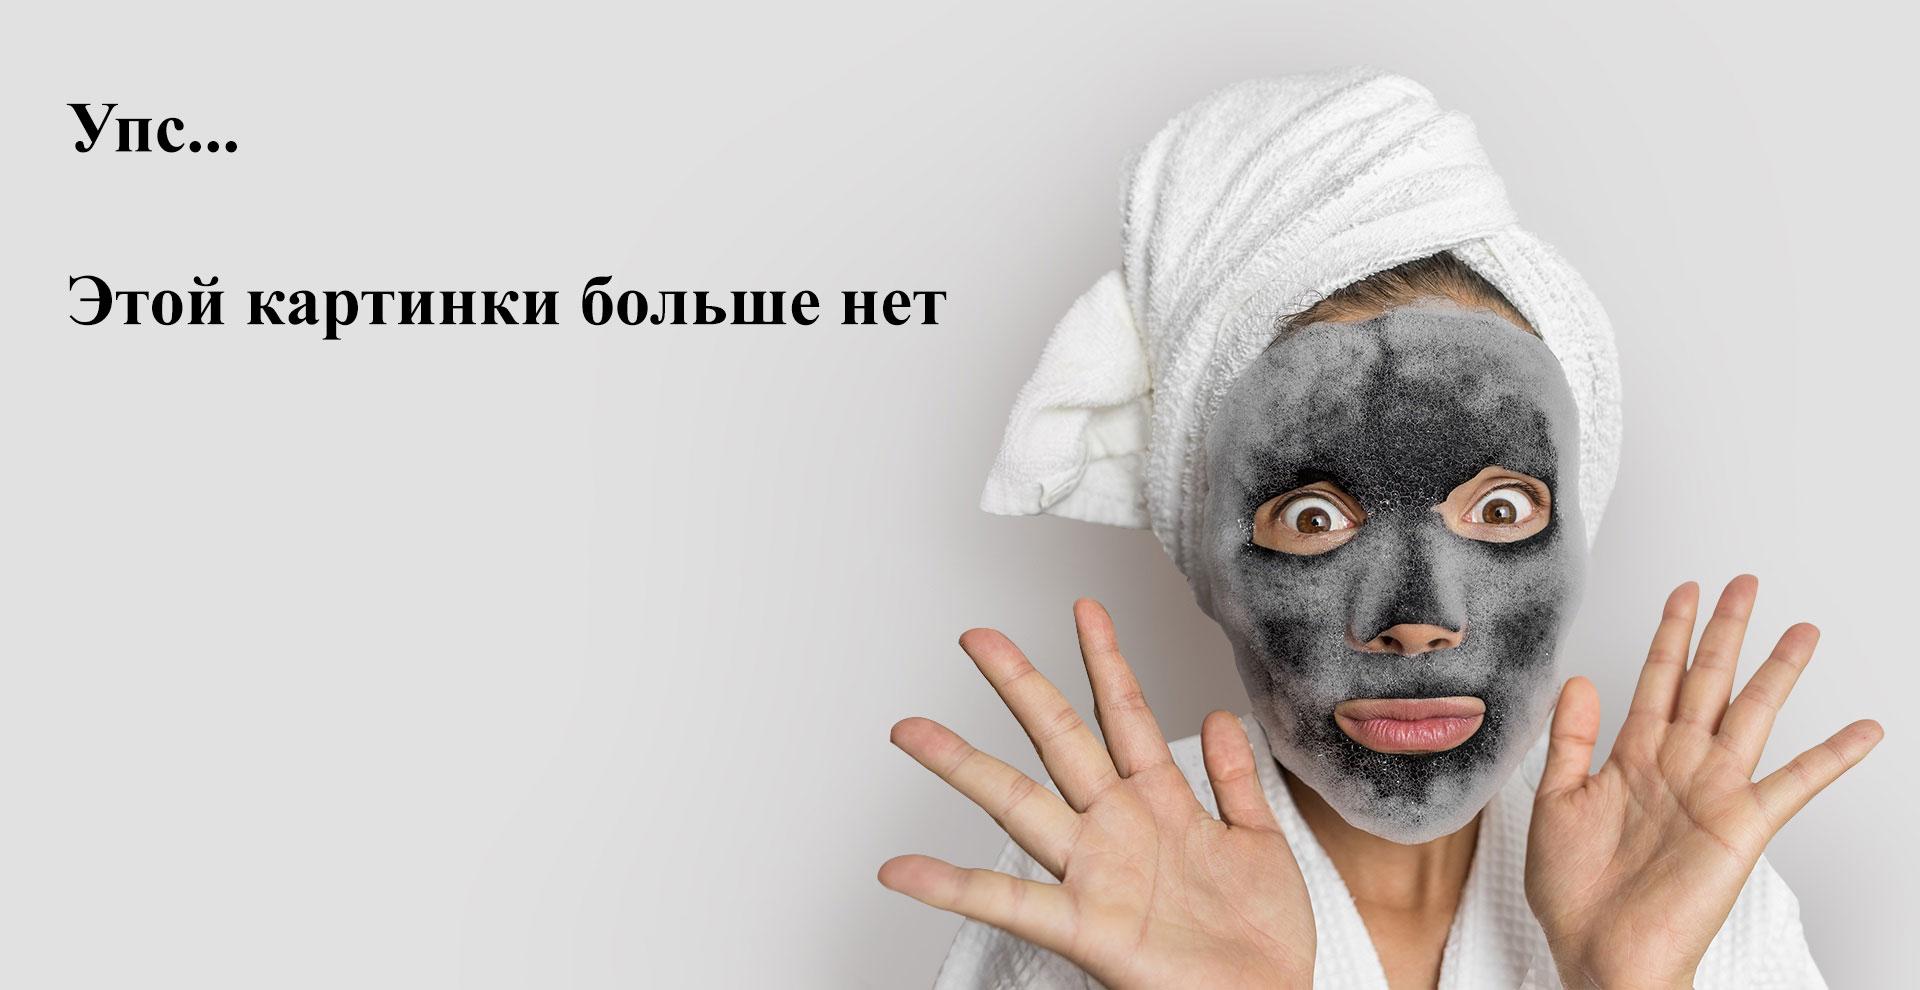 Луи Филипп, Гель-лак Limited №05